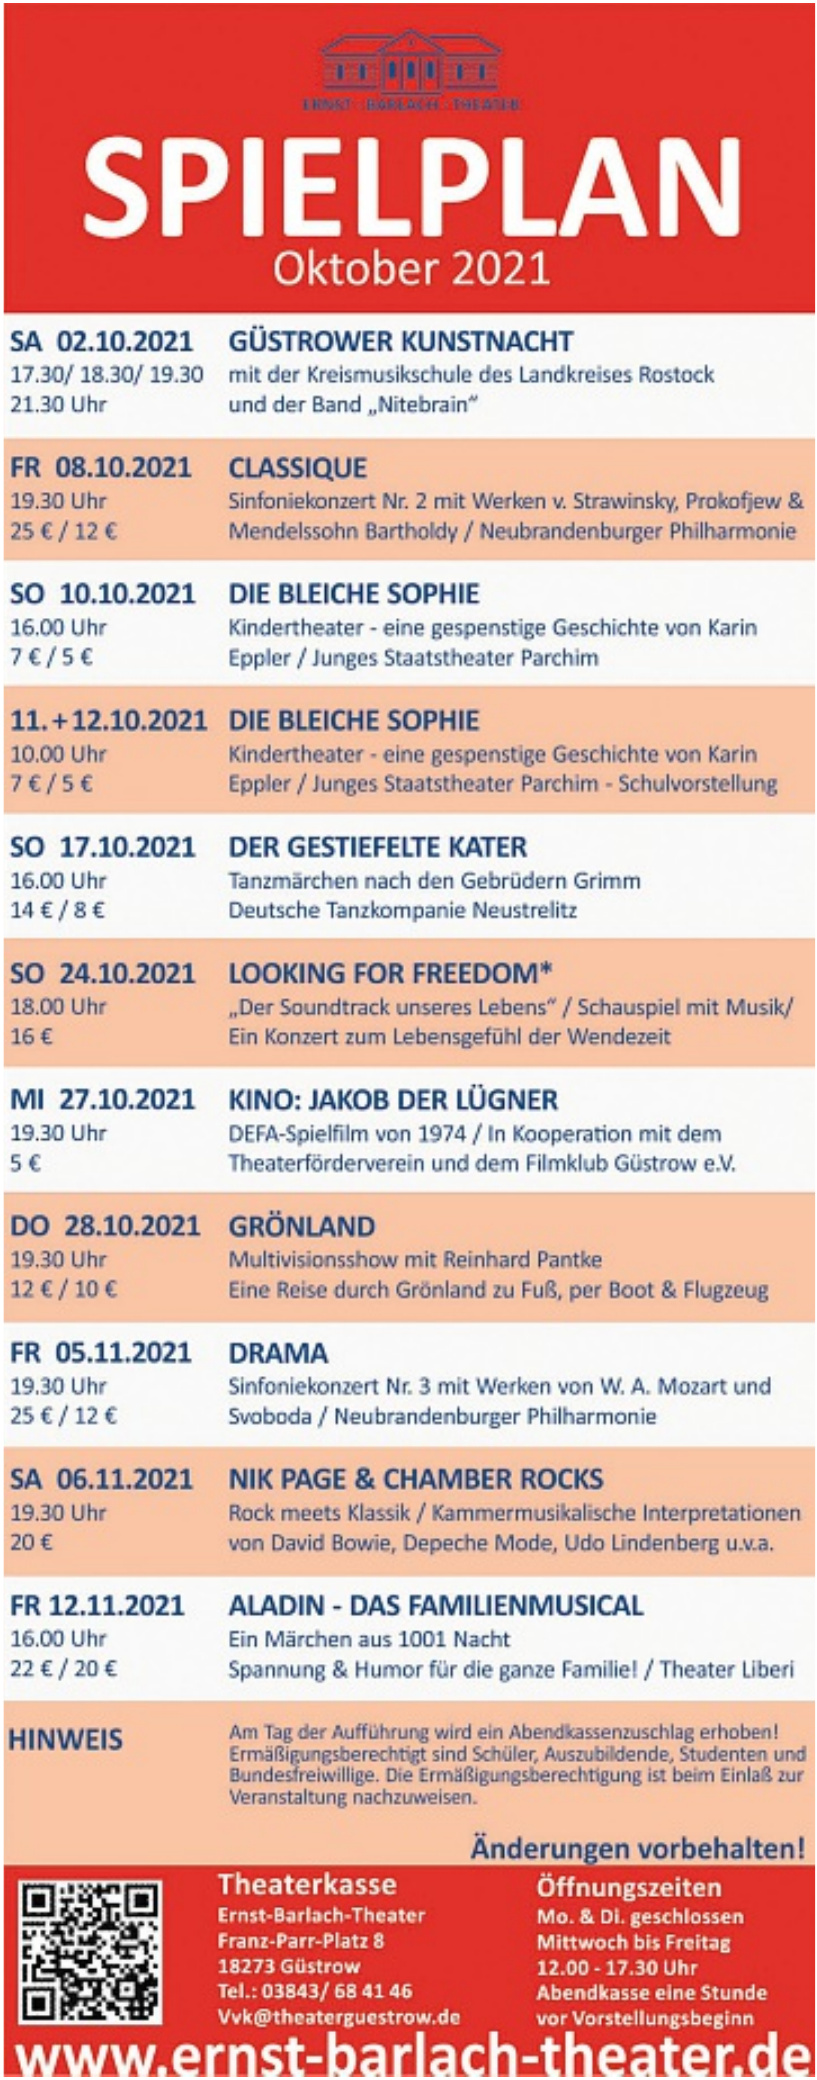 Ernst Barlach Stiftung